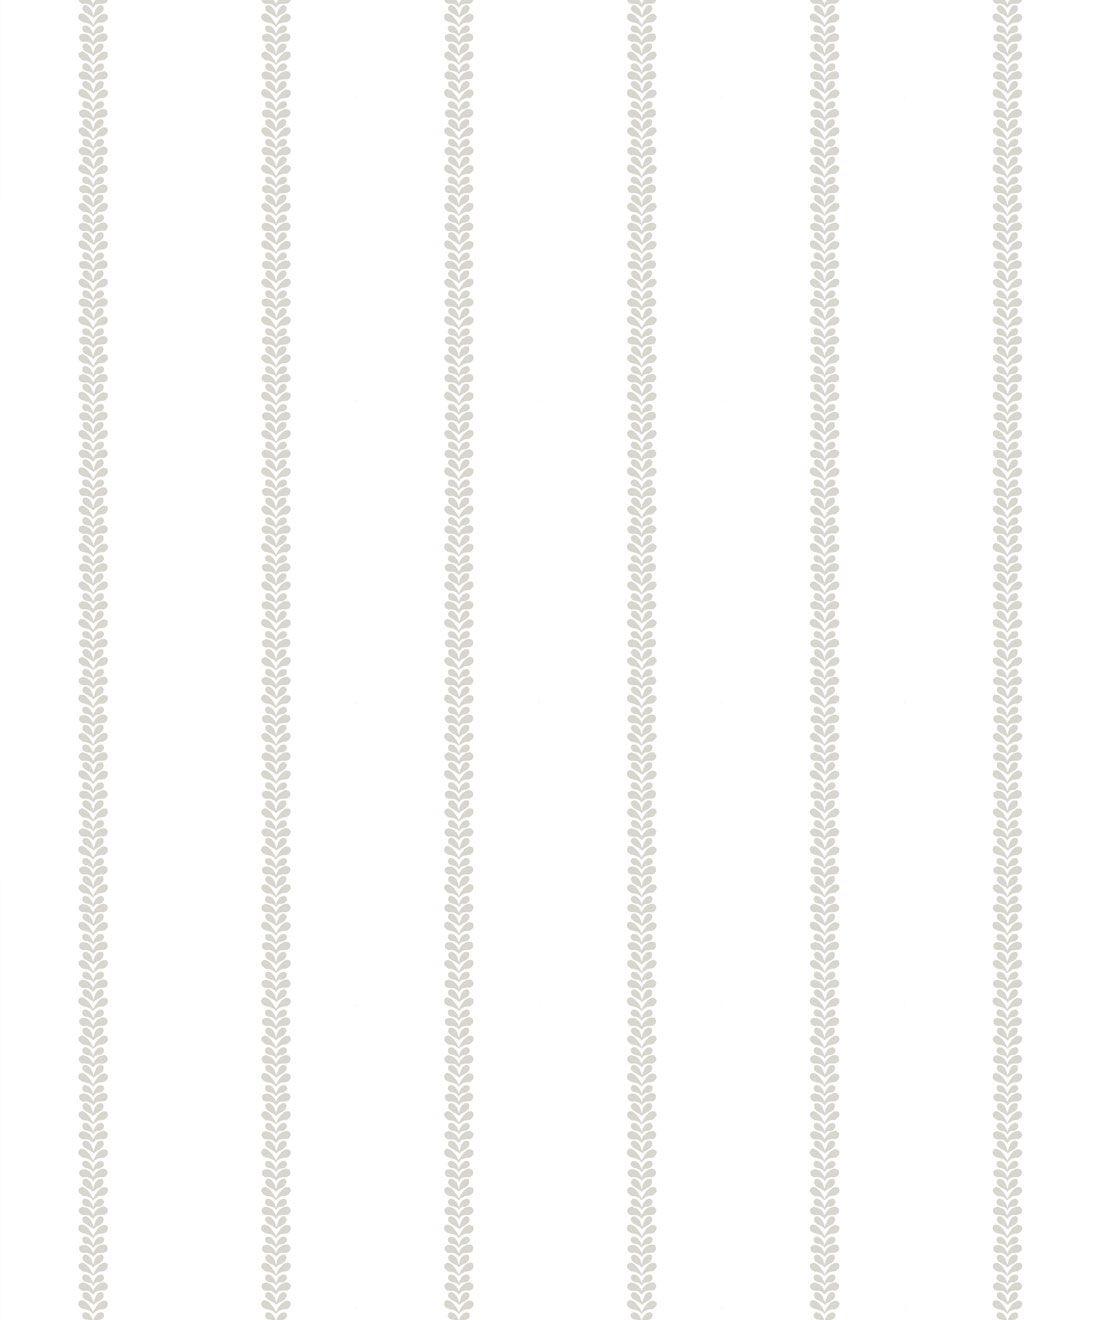 Chemin Wallpaper • Striped Wallpaper • Beige • Swatch